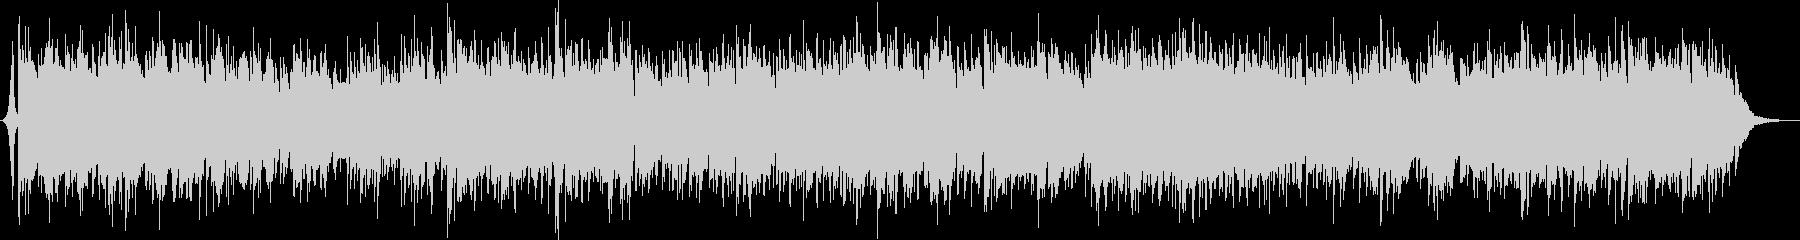 透明感のある洋楽ドリームポップ ギタポの未再生の波形